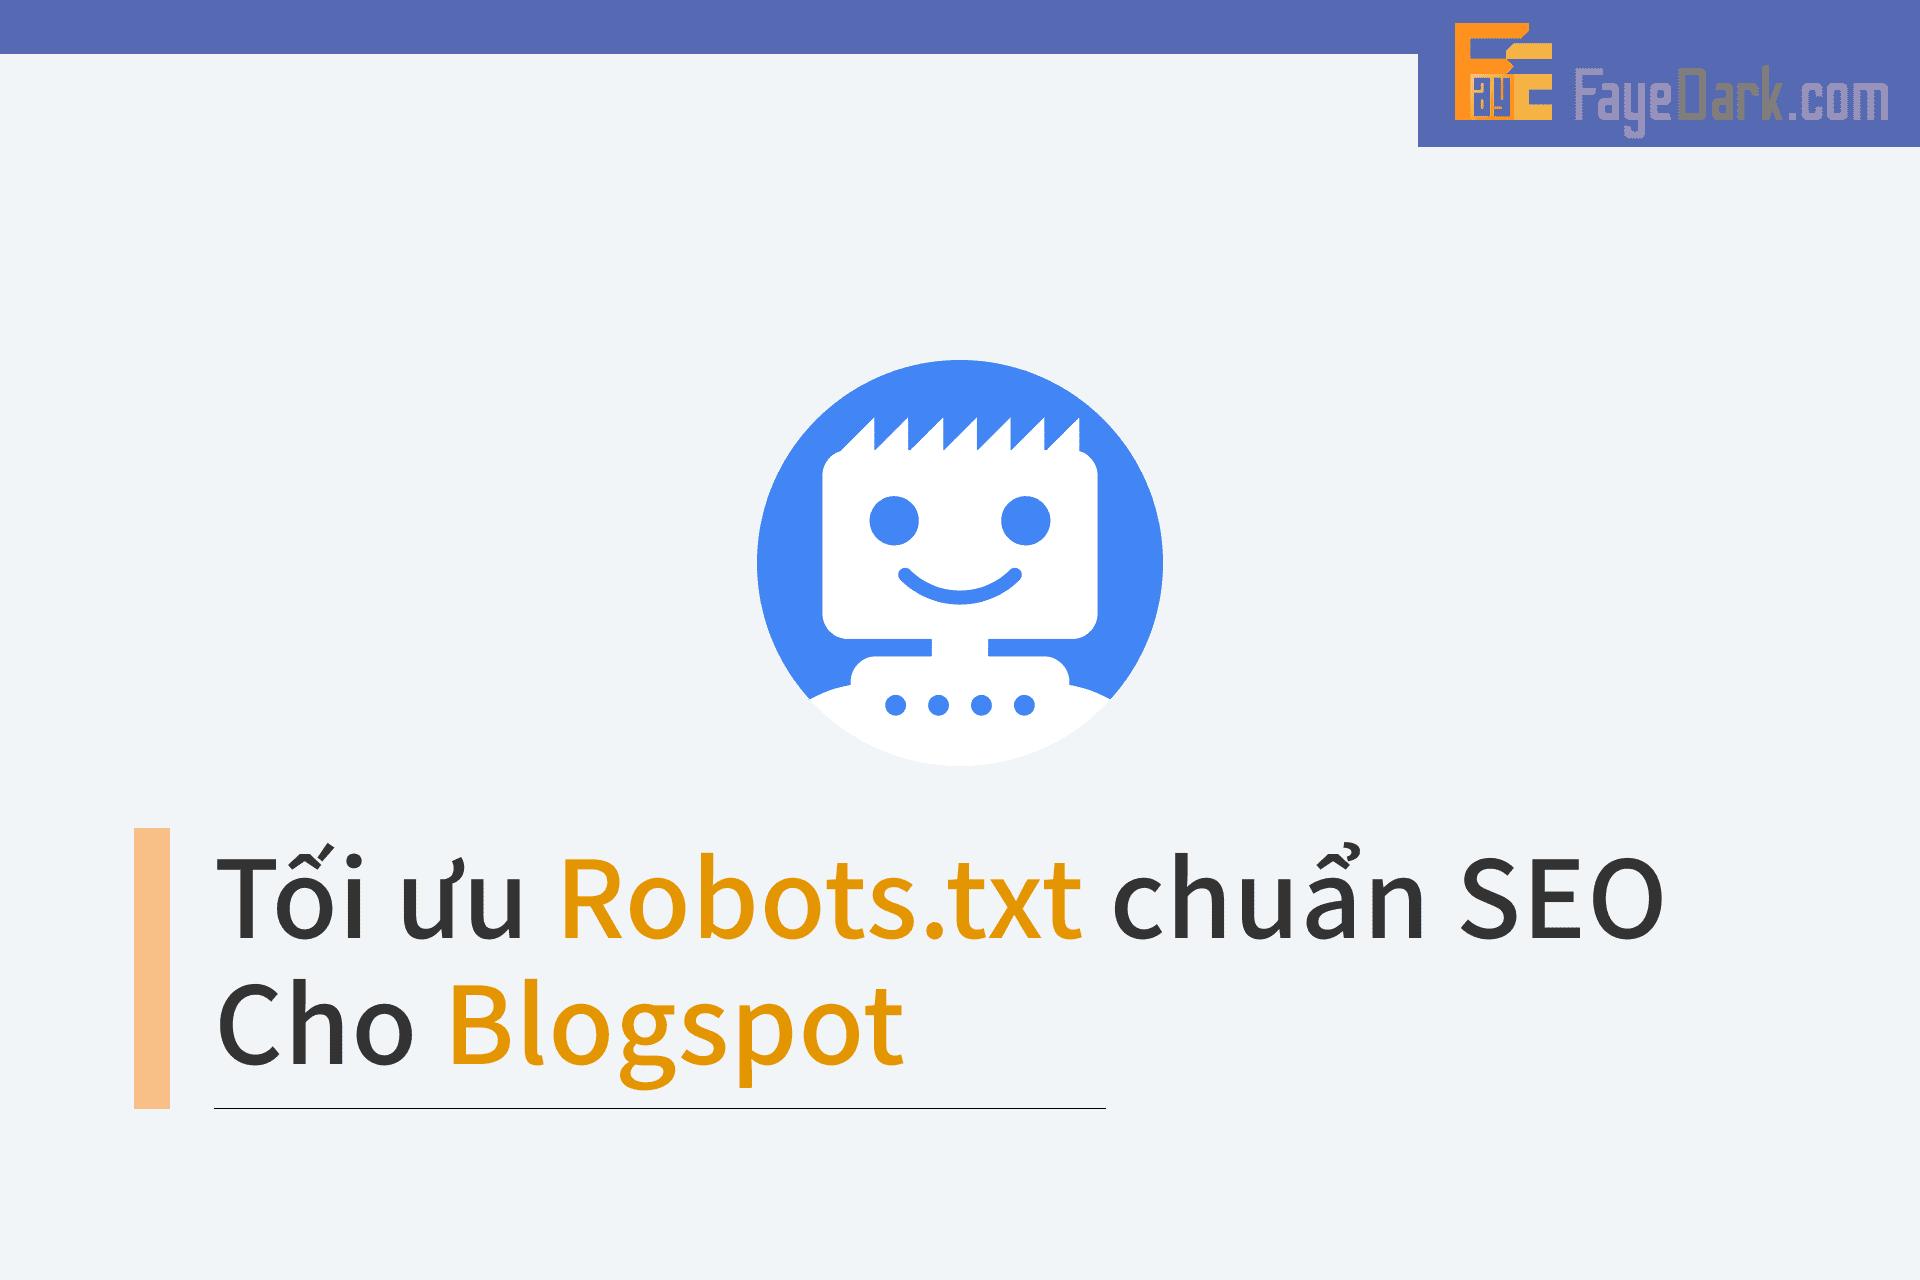 Tối ưu Robots.txt chuẩn SEO cho Blogspot